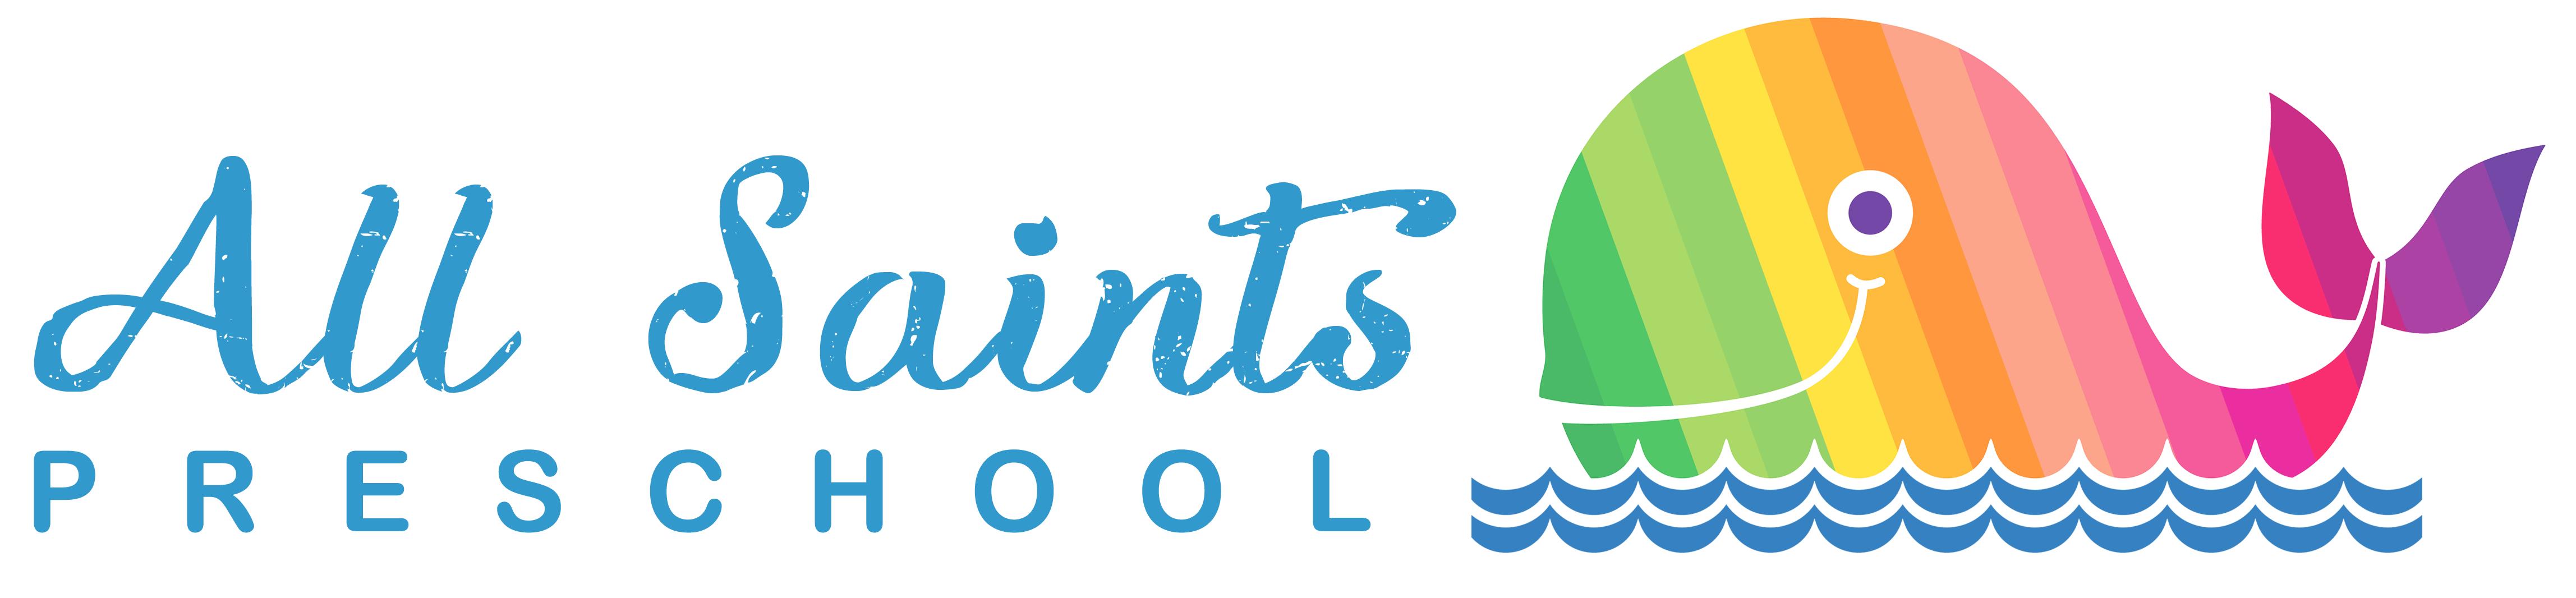 Preschool Enrollment Confirmation Form